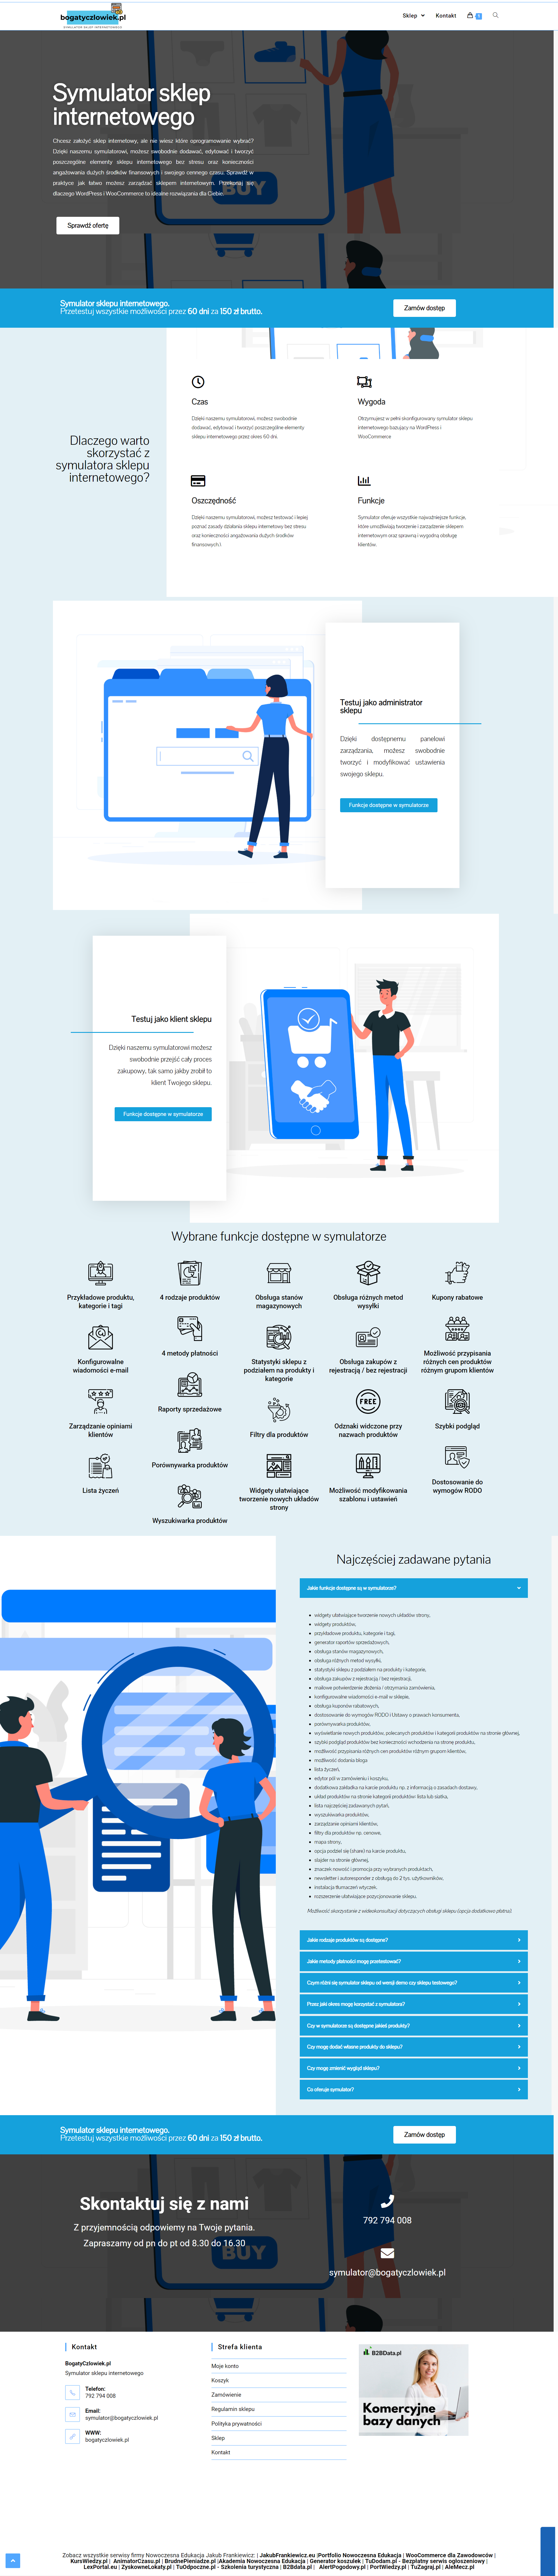 BogatyCzlowiek pl Symulator sklepu internetowego - Symulator sklepu internetowego